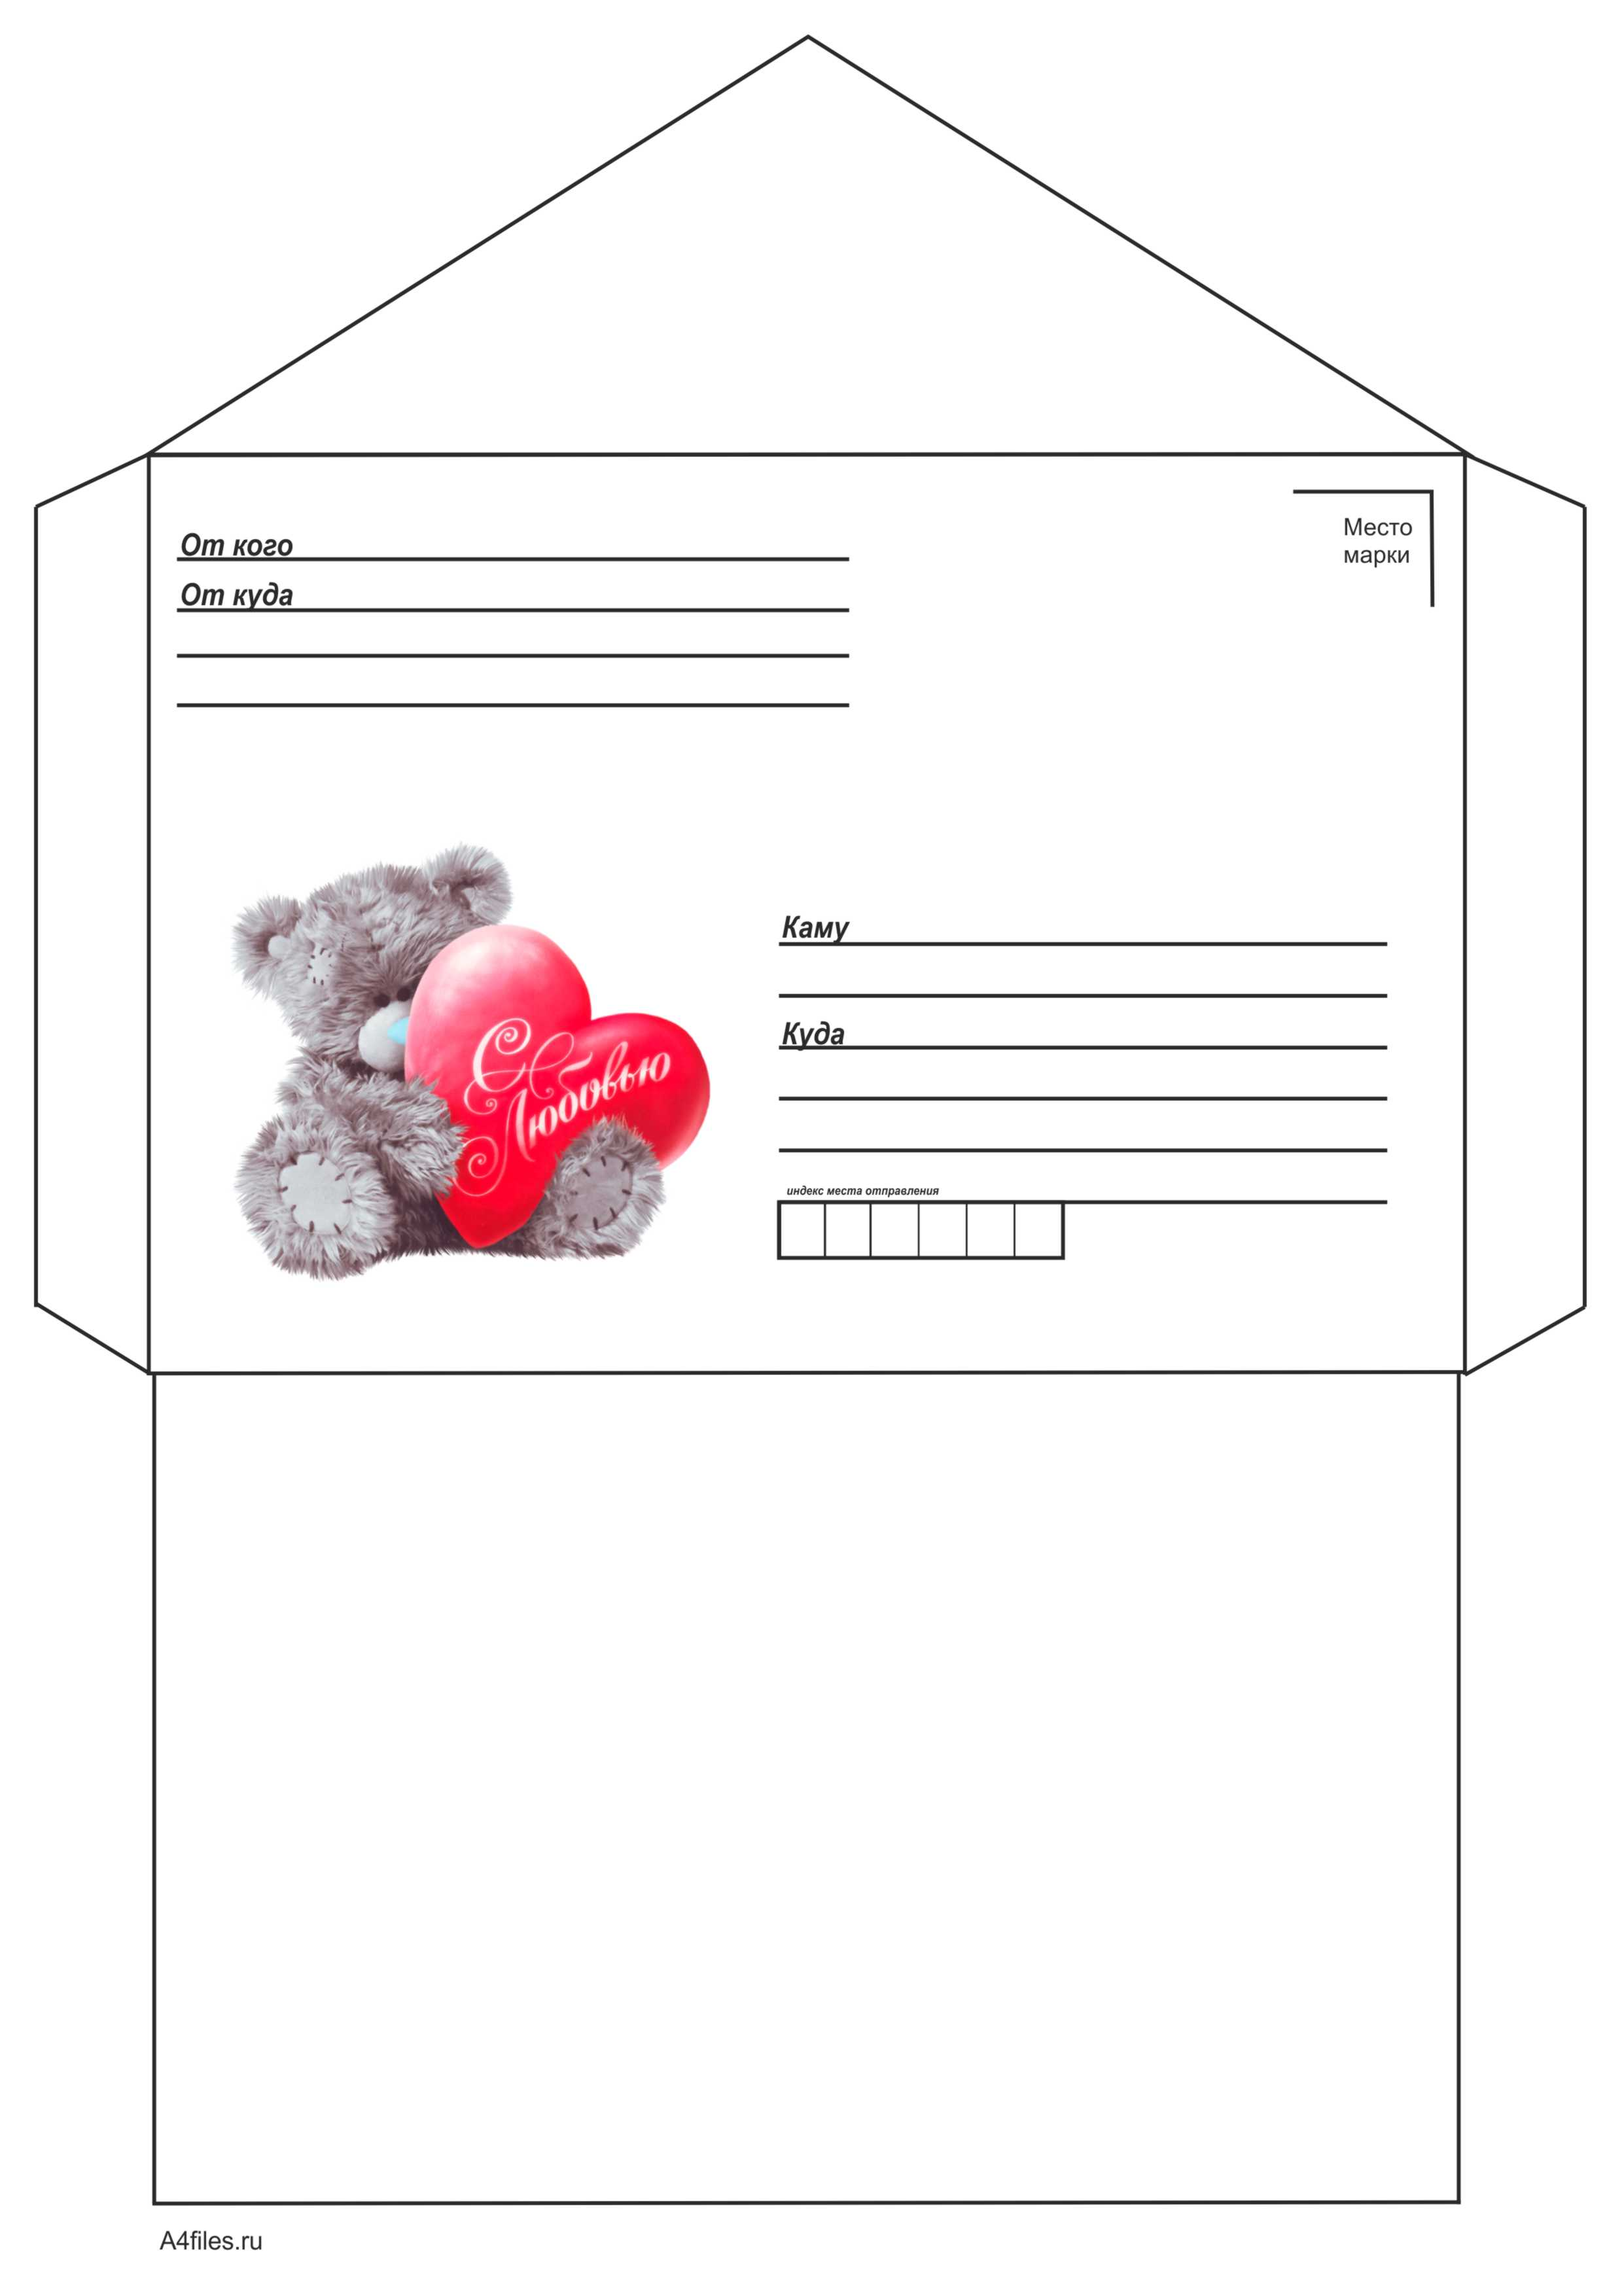 Письмо своими руками распечатать